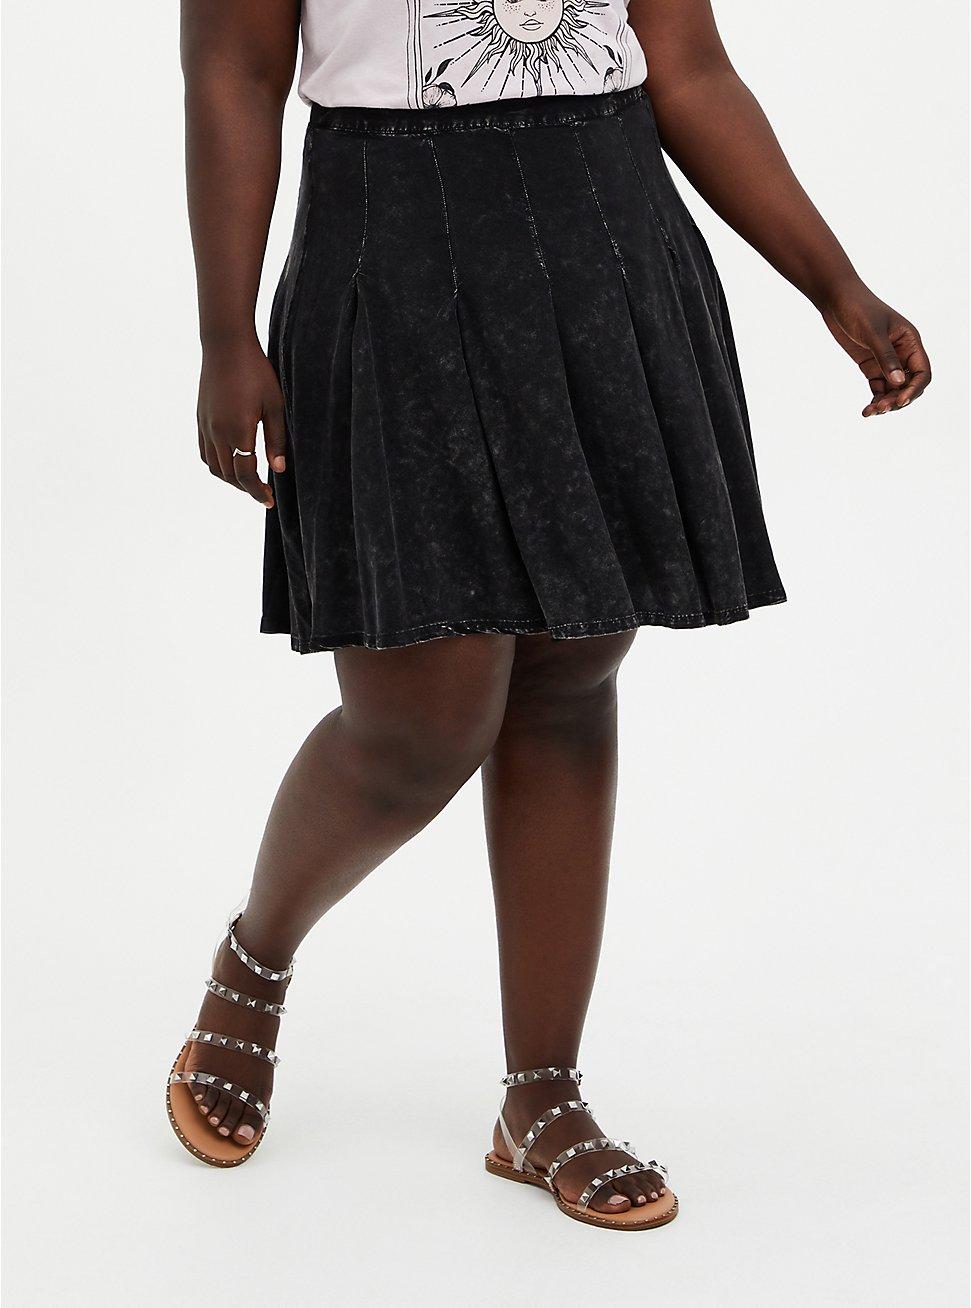 Black Wash Challis Skater Skirt, DEEP BLACK, hi-res